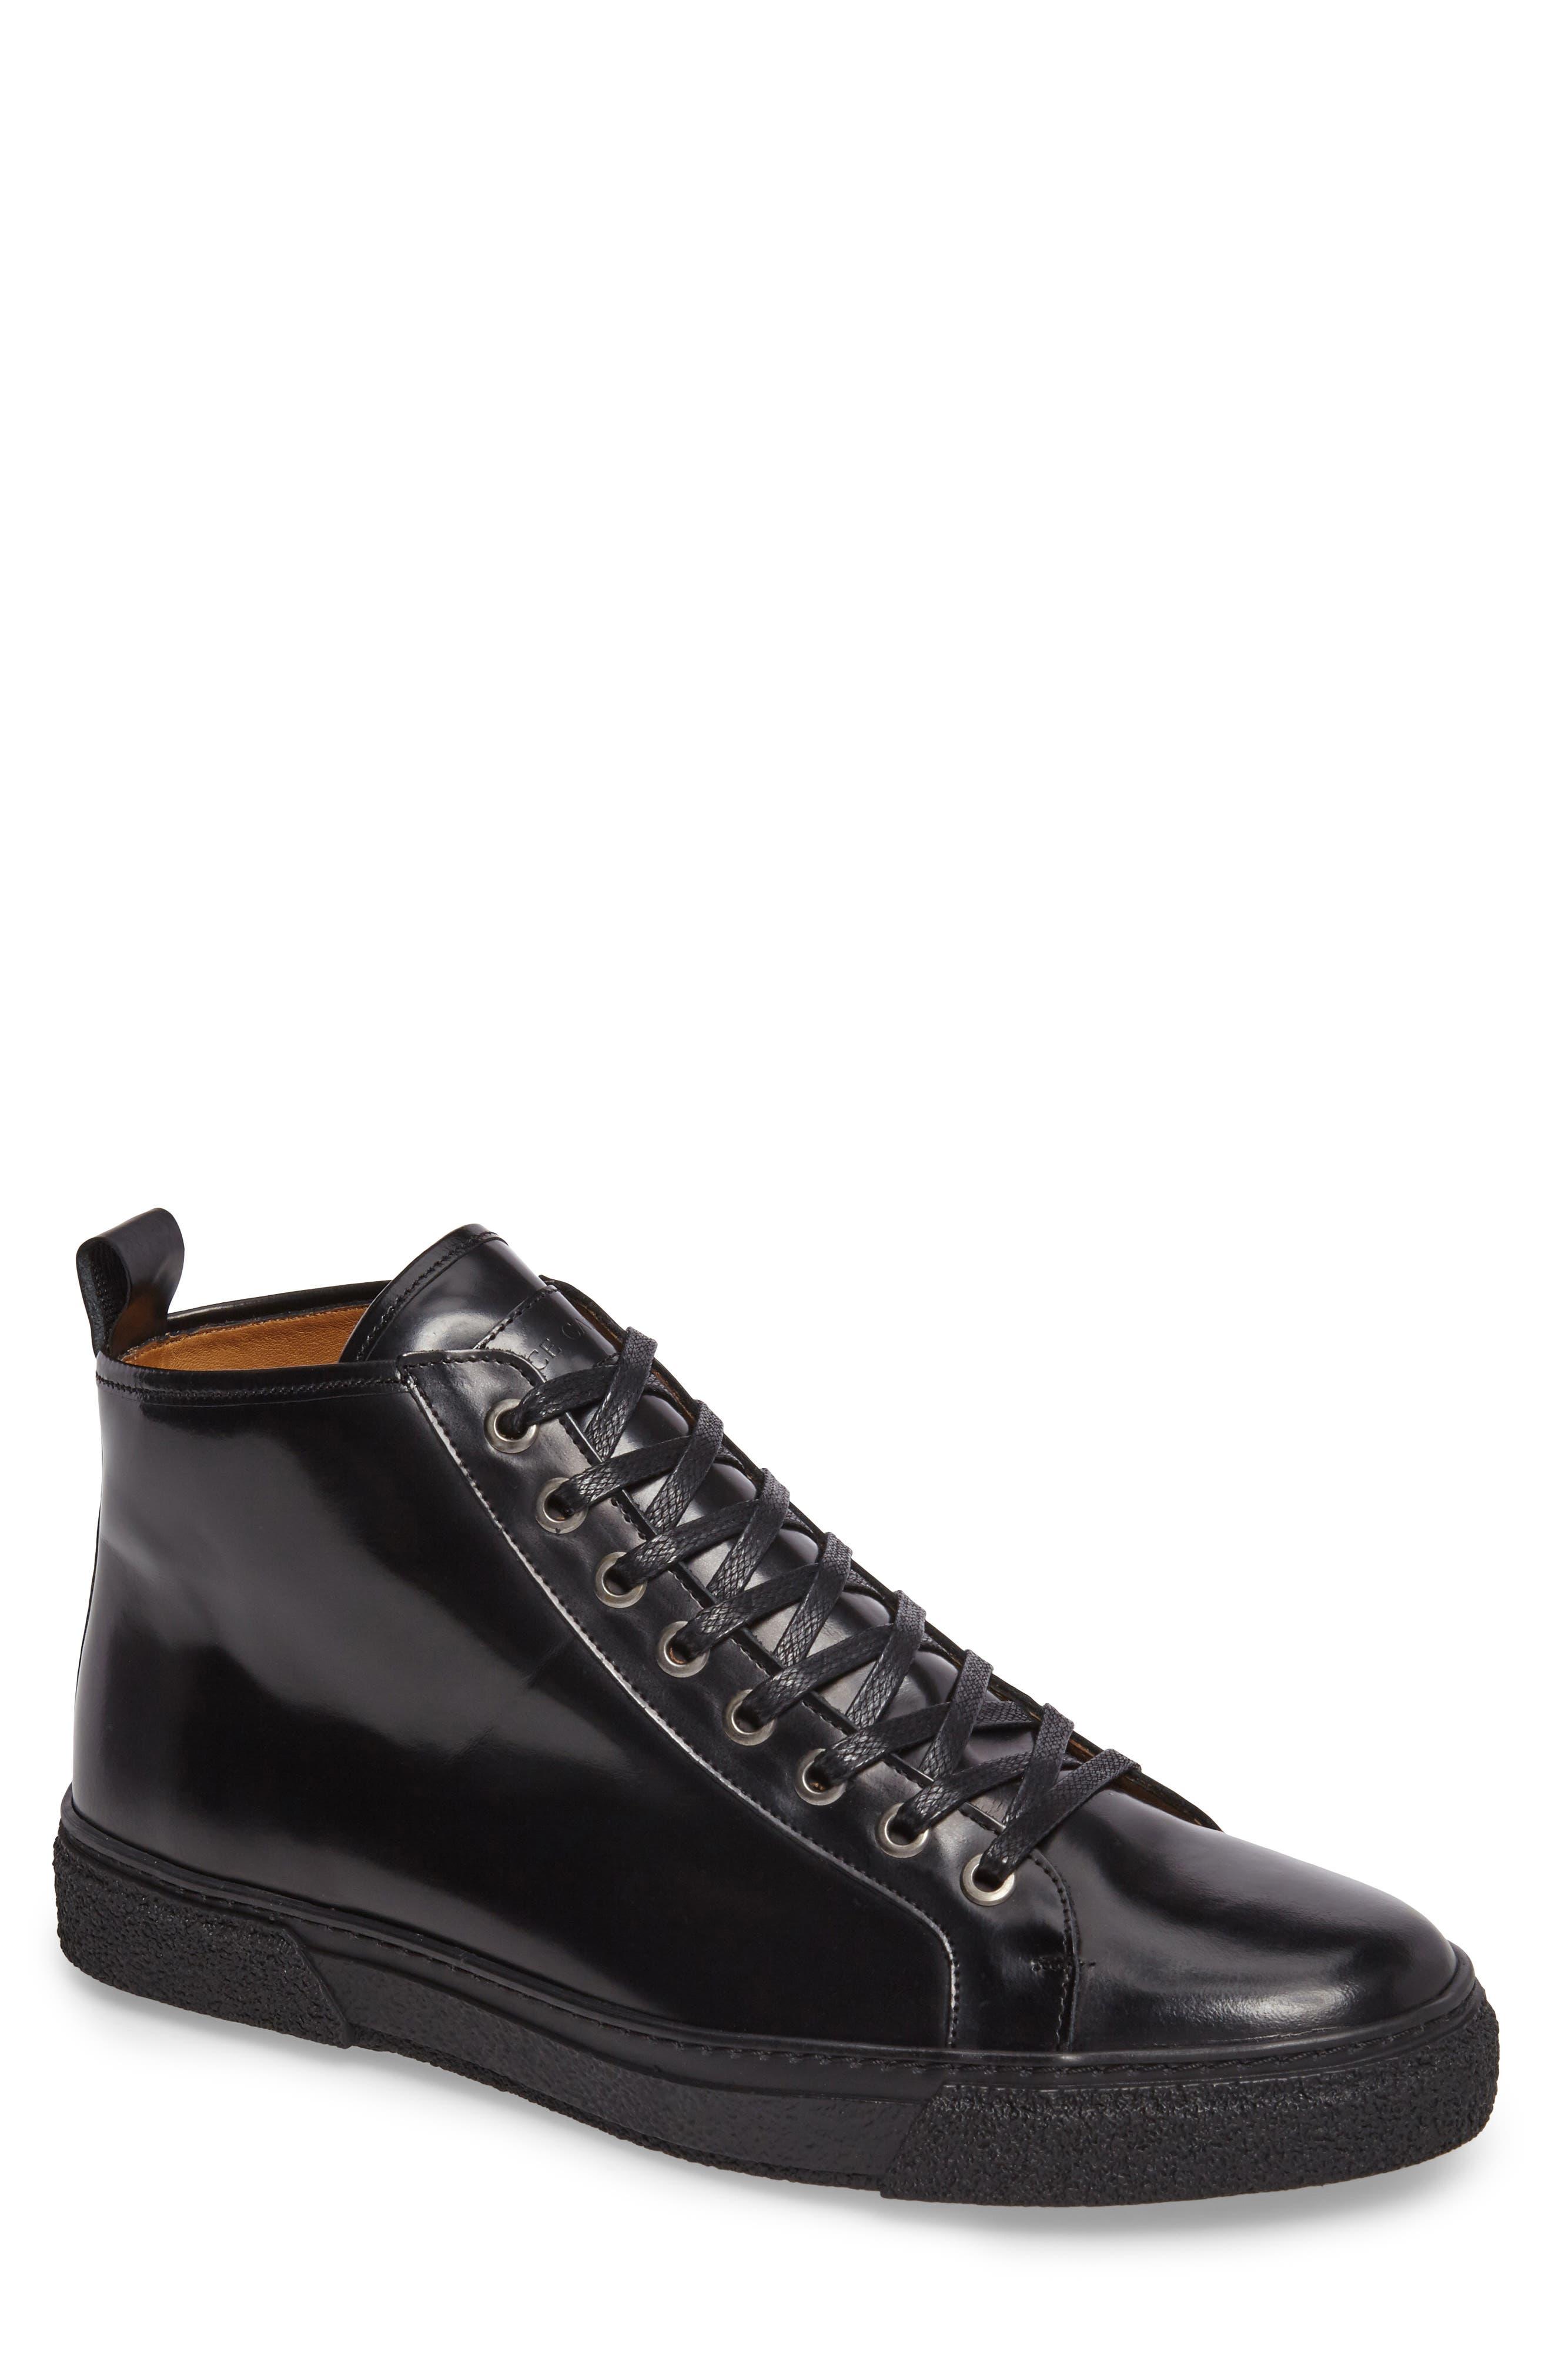 Vince Camuto Westan Sneaker, Black